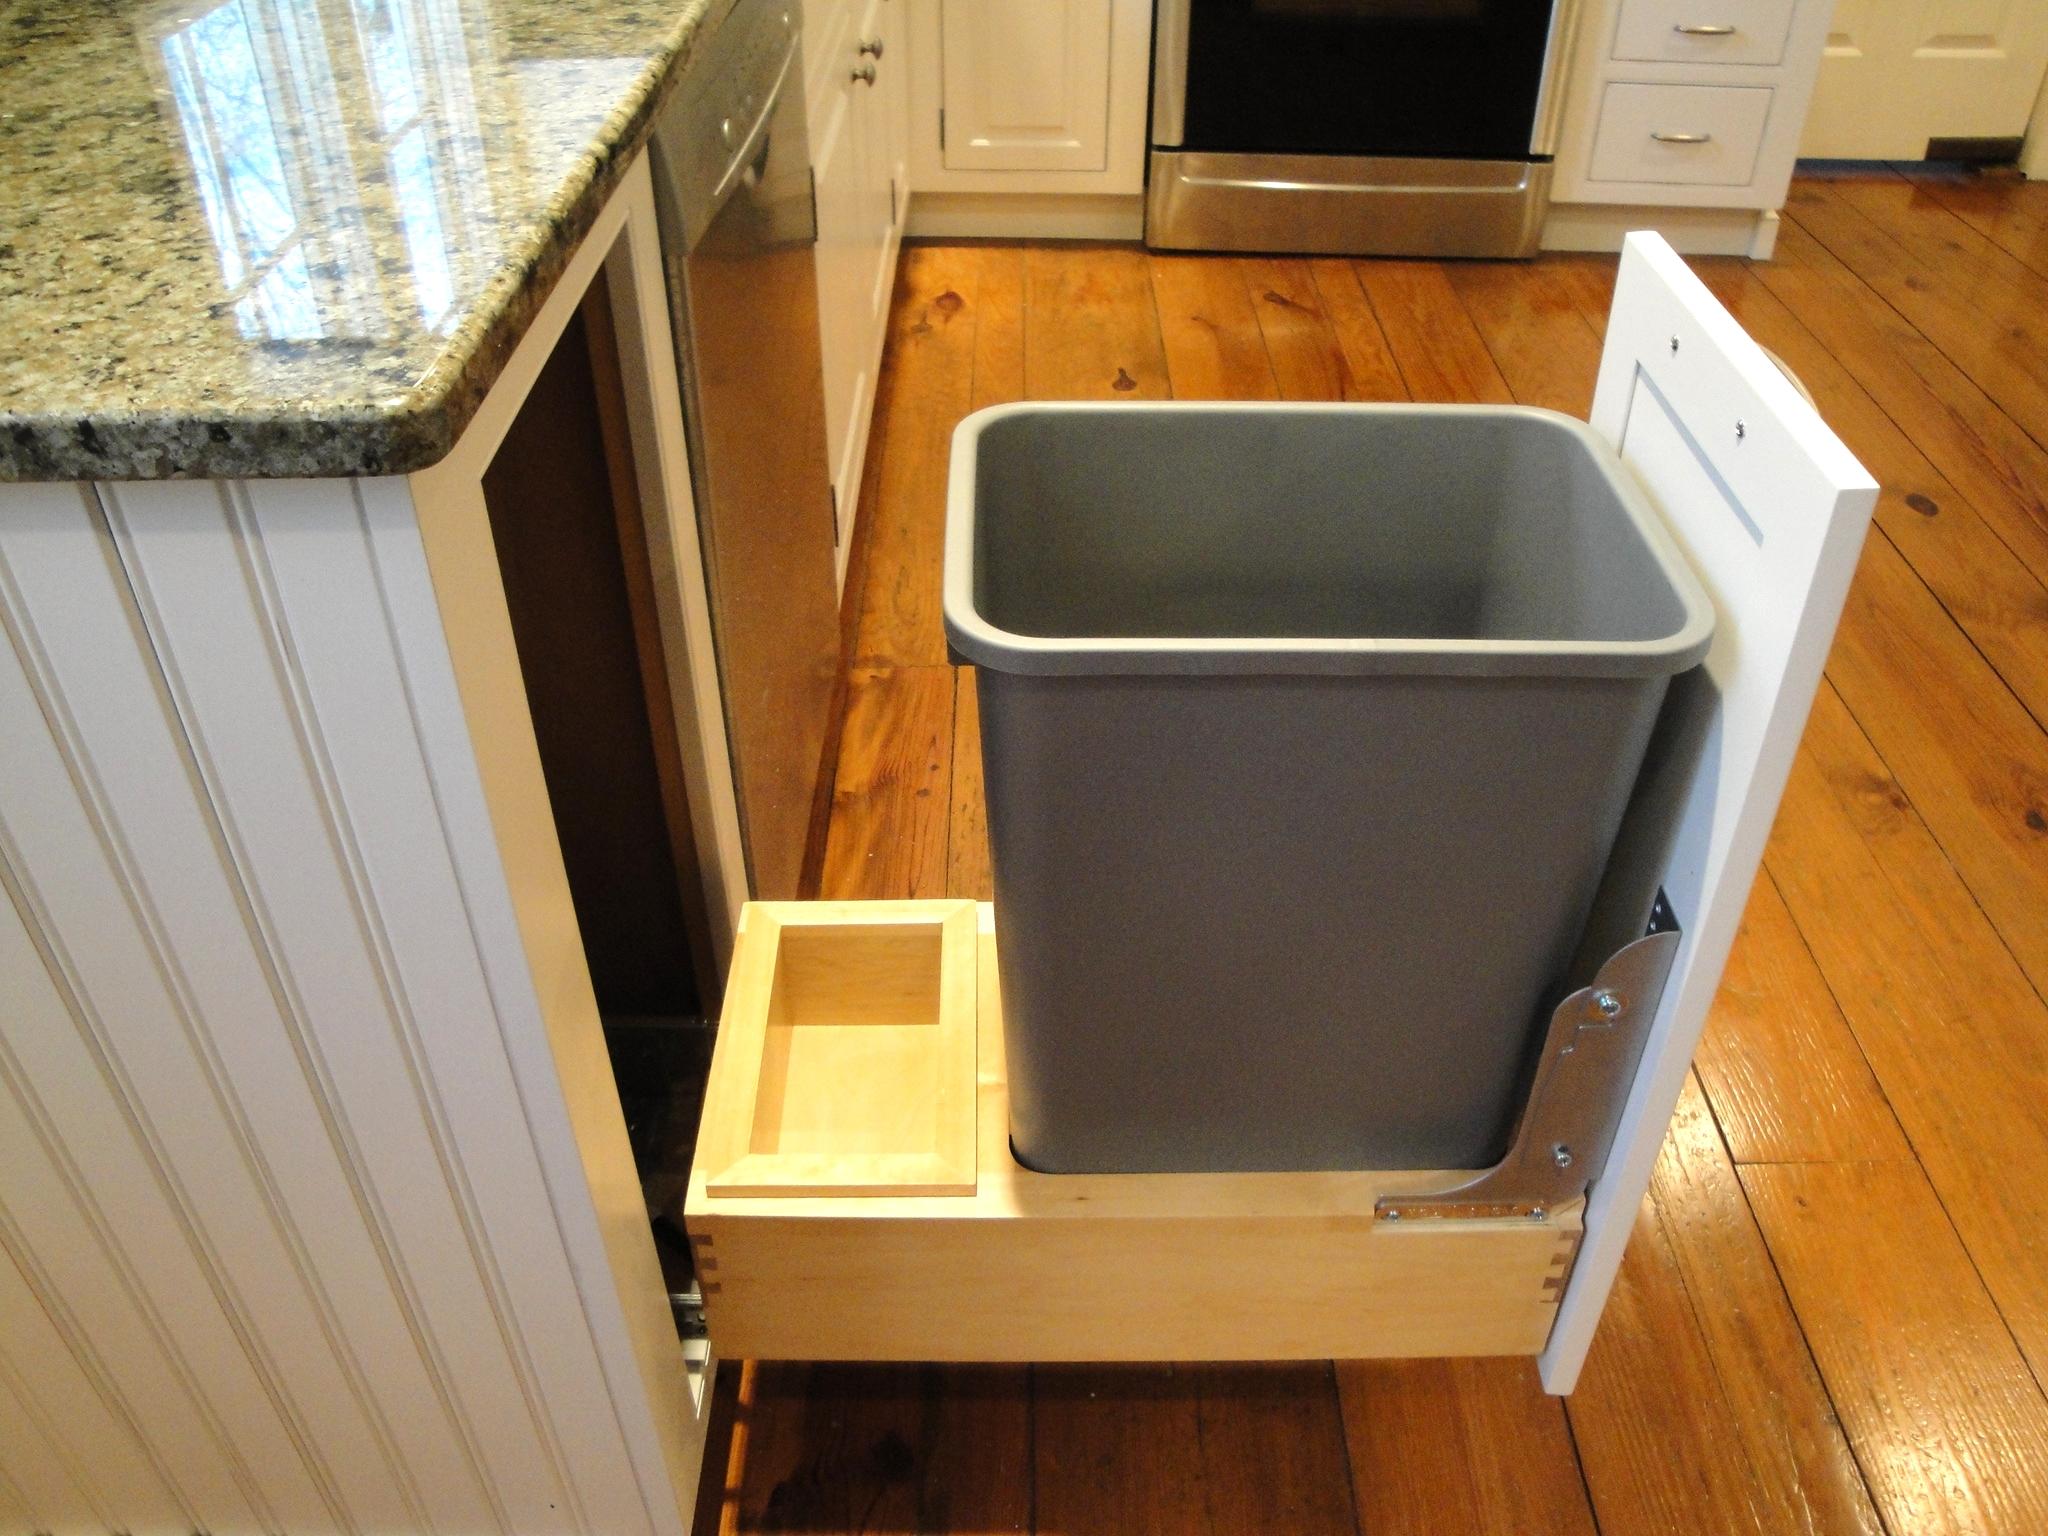 Kitchen garbage roll-out organizer